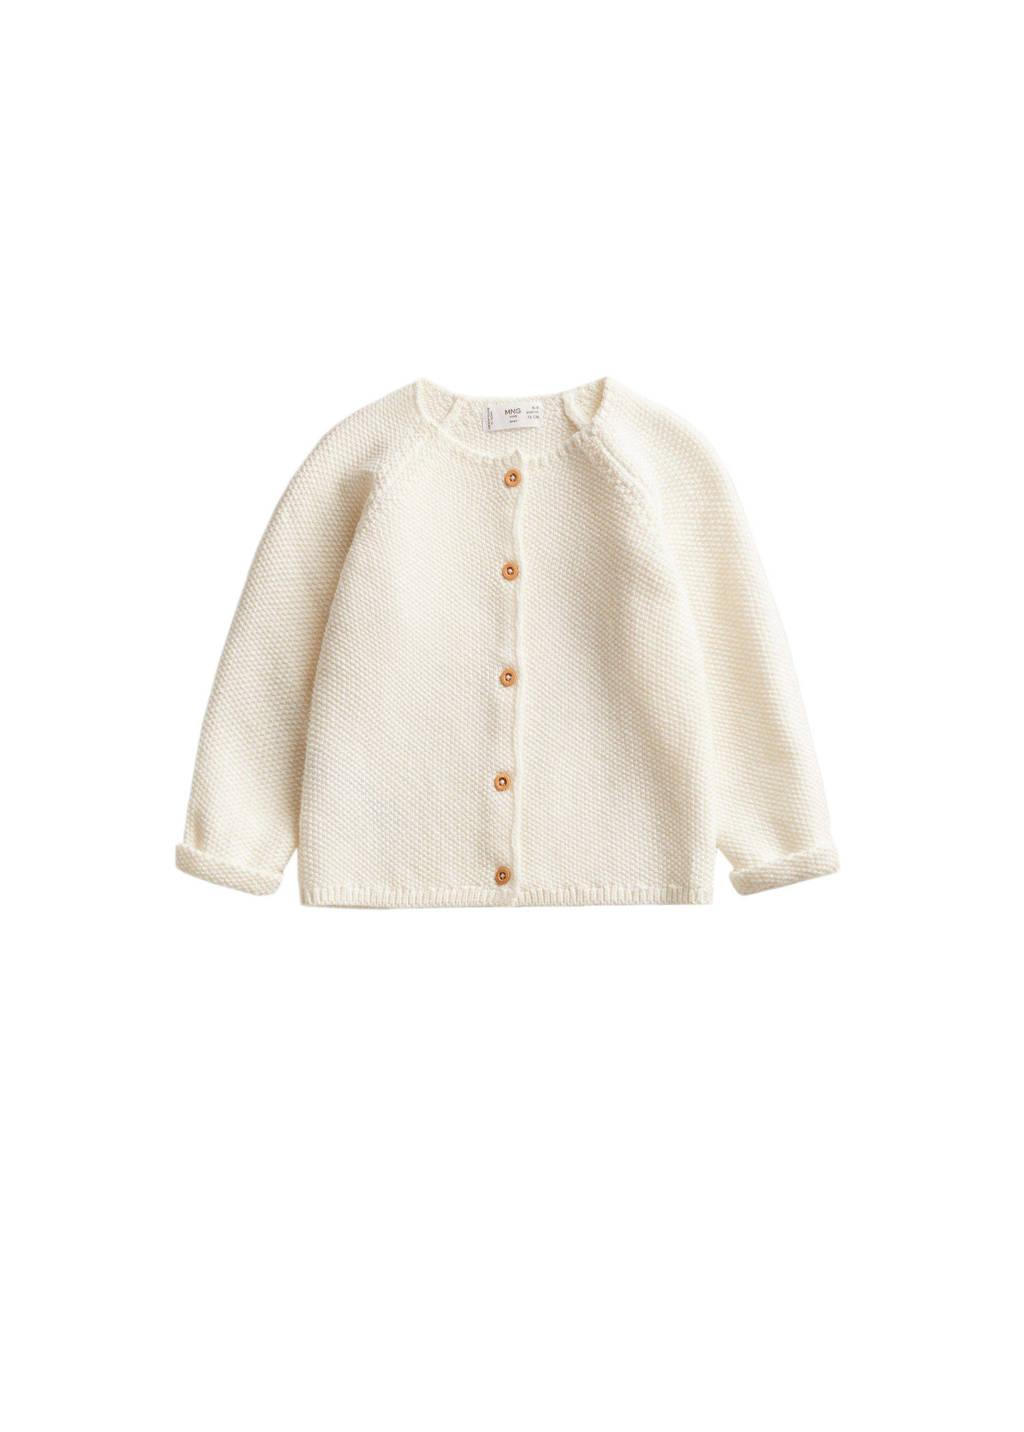 Mango Kids fijn gebreid baby vest naturel wit